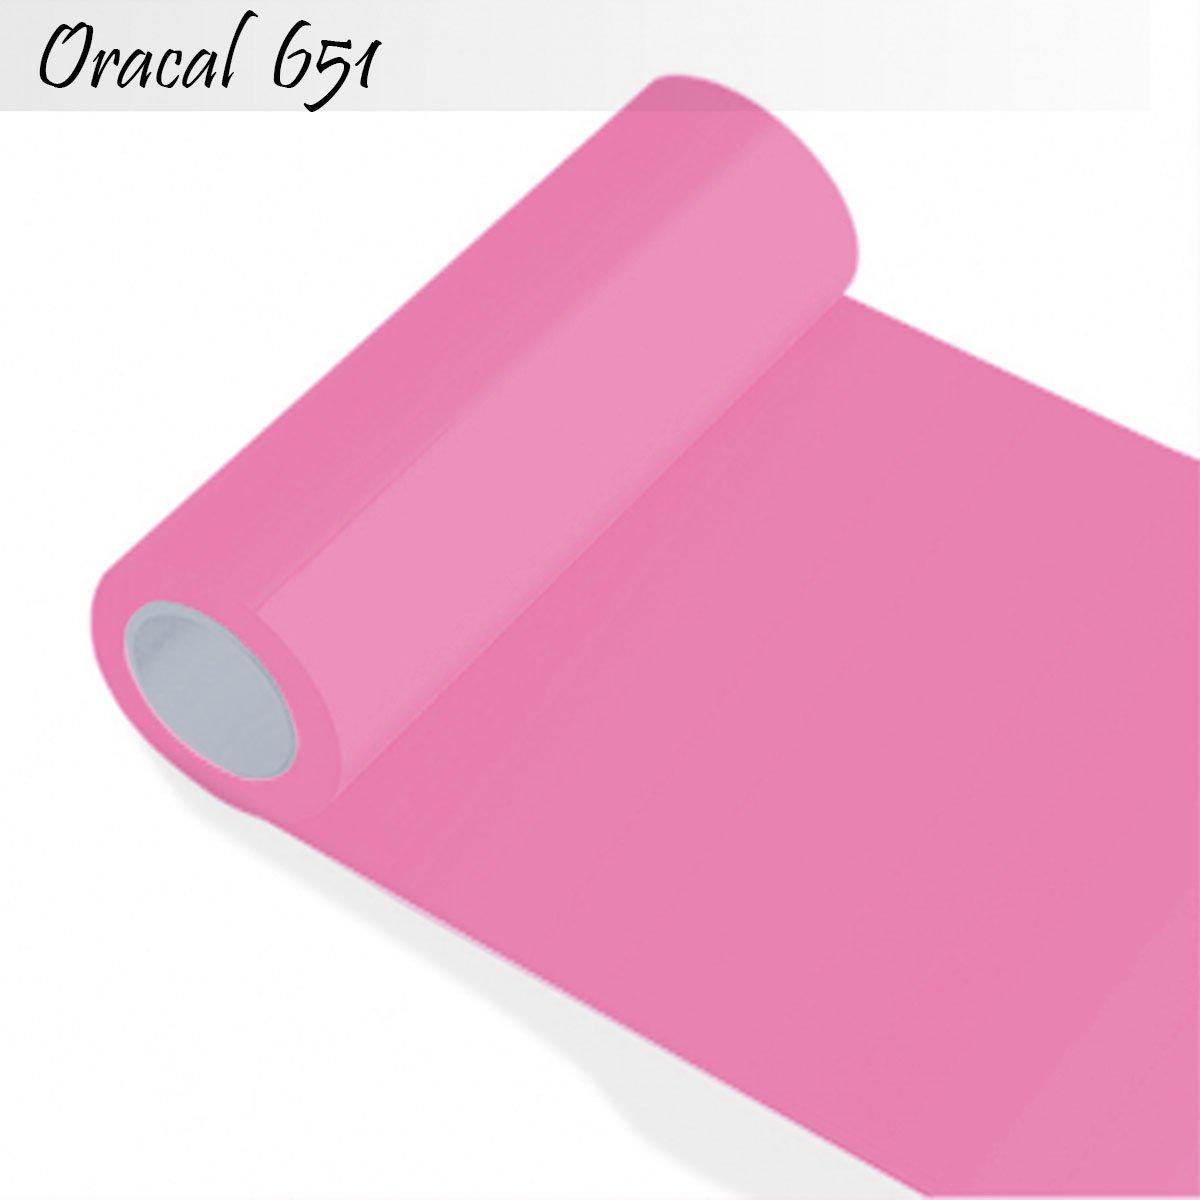 Oracal 651 - Orafol Orafol Orafol Folie 10m (Laufmeter) freie Farbwahl 55 glänzende Farben - glanz in 4 Größen, 63 cm Folienhöhe - Farbe 70 - schwarz B00TRTPABY Wandtattoos & Wandbilder 09cae1